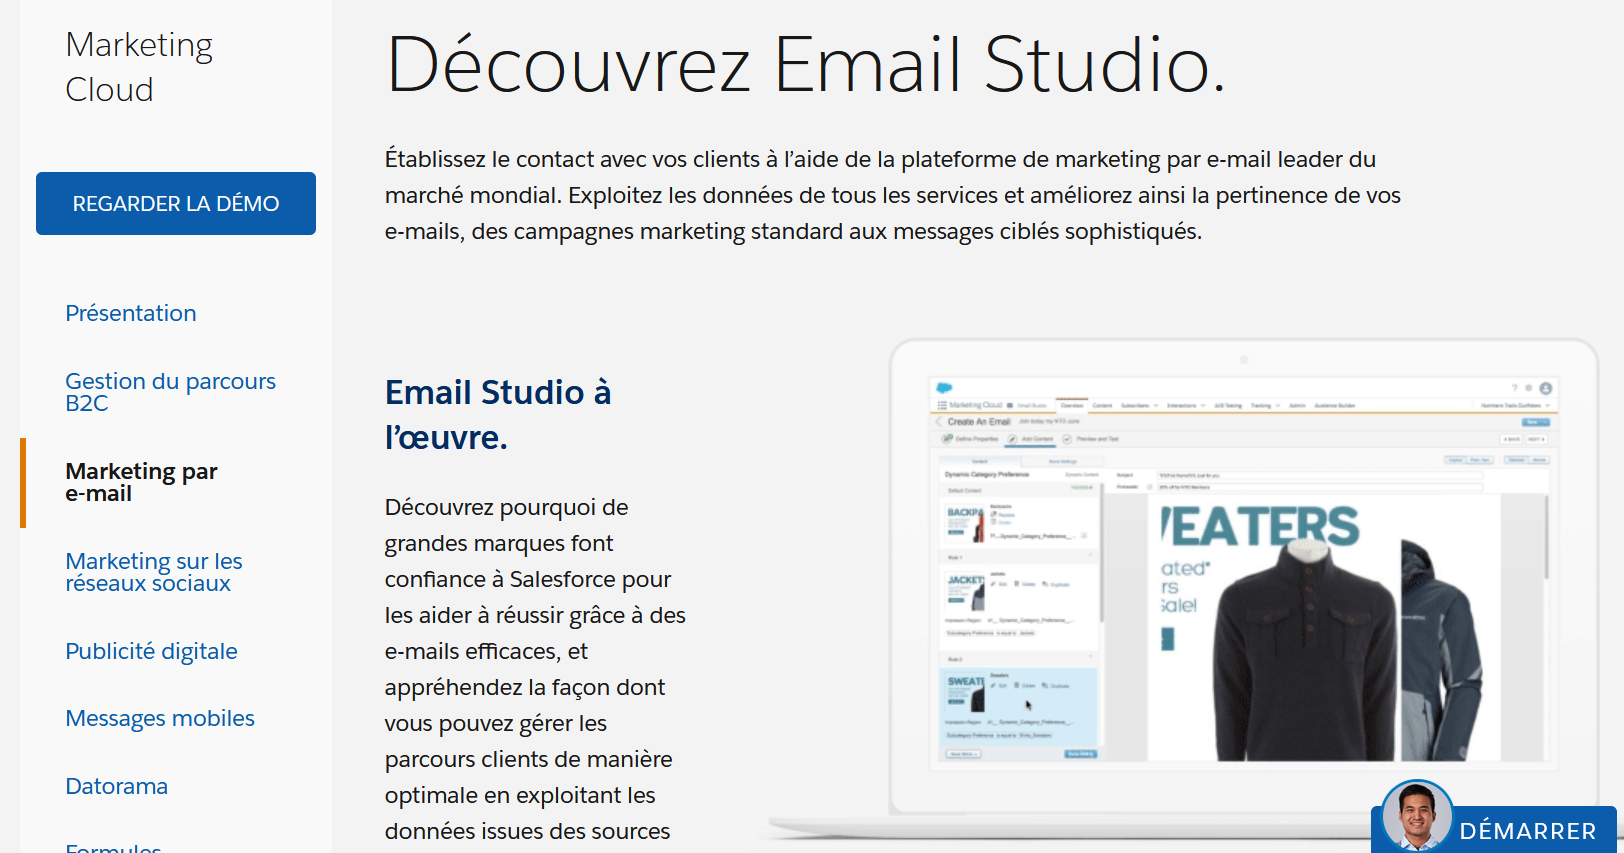 plateforme emailing sophistiquée